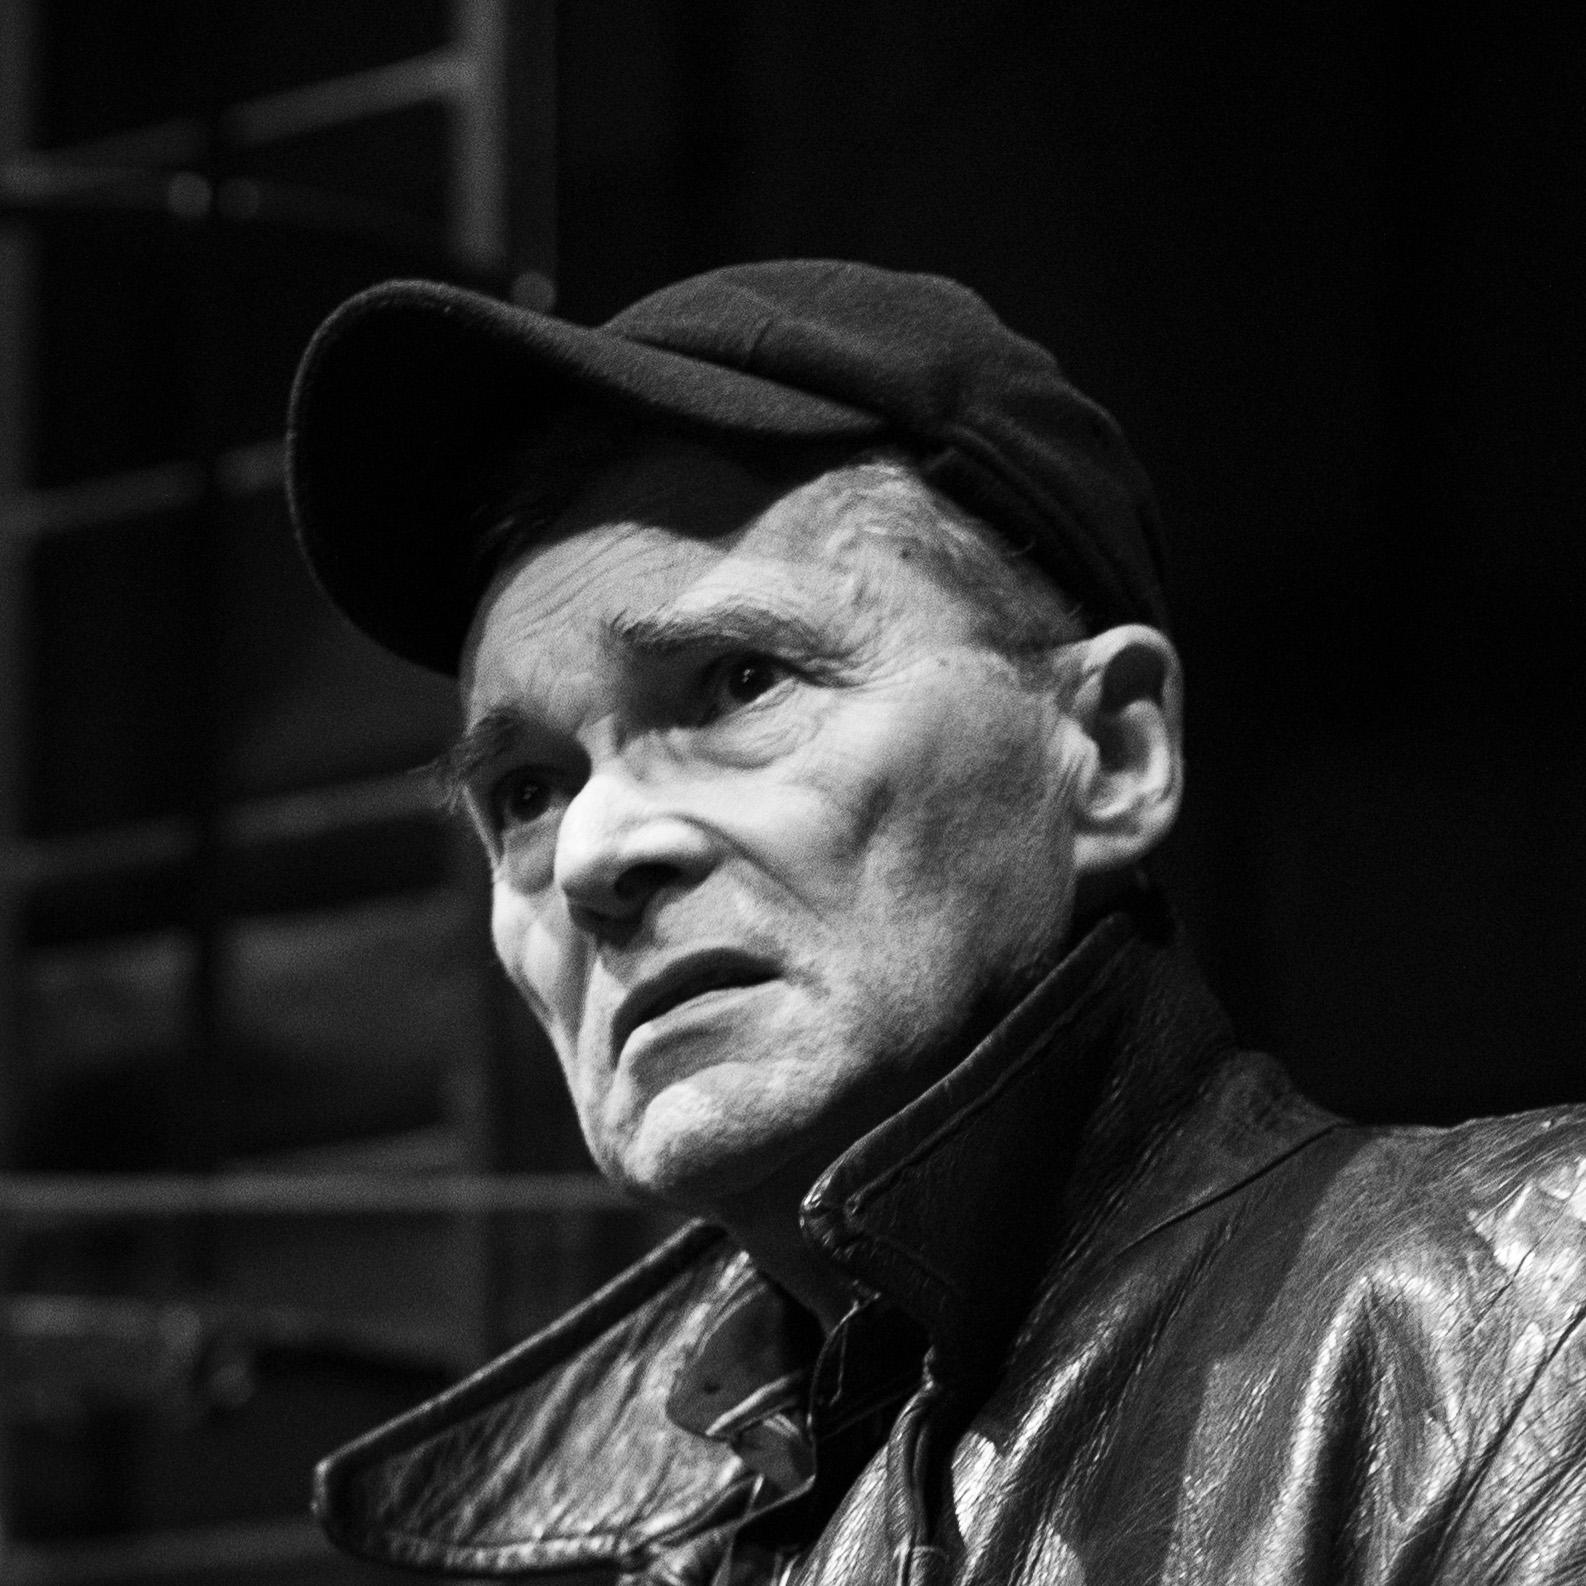 SOMEŠ Jaroslav